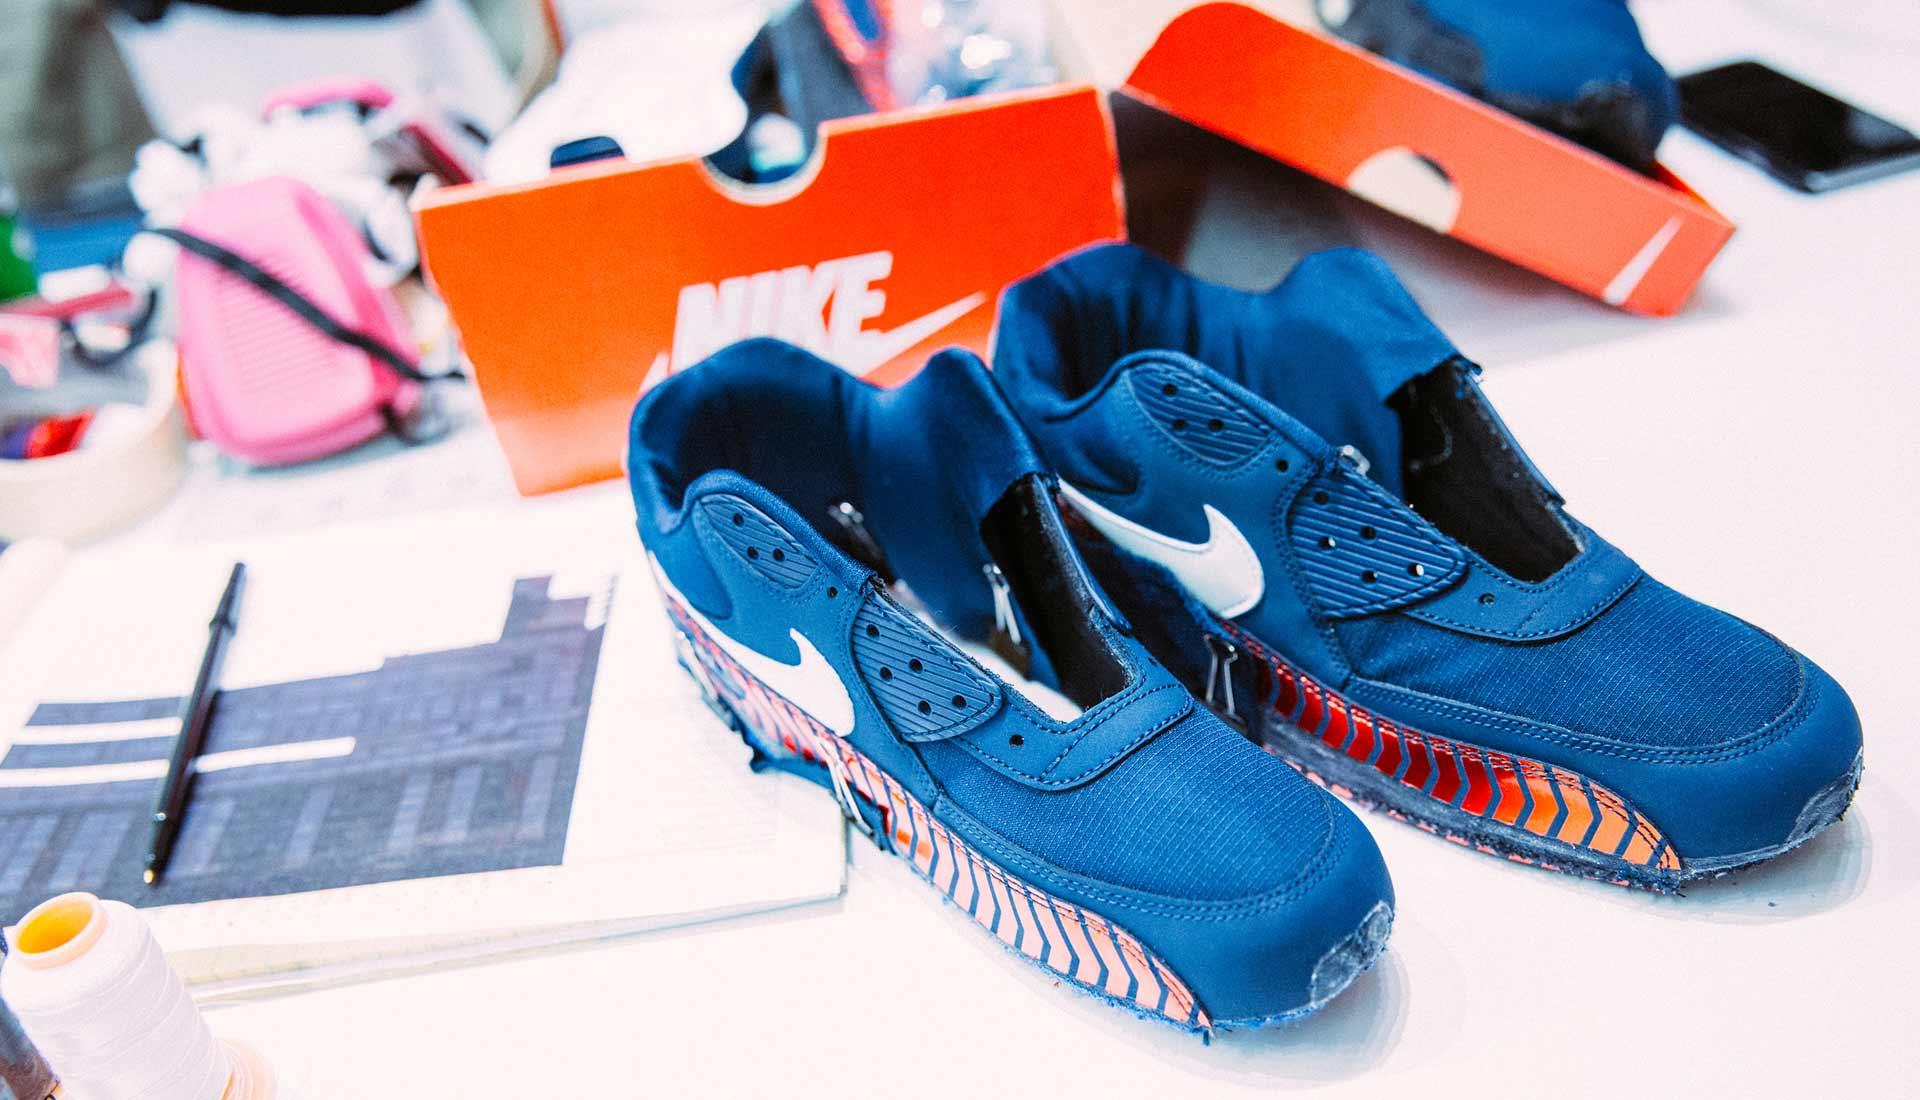 Une Limitée Nike En X Psg Airmax90 Édition Lfk13tjc UVqSzMp